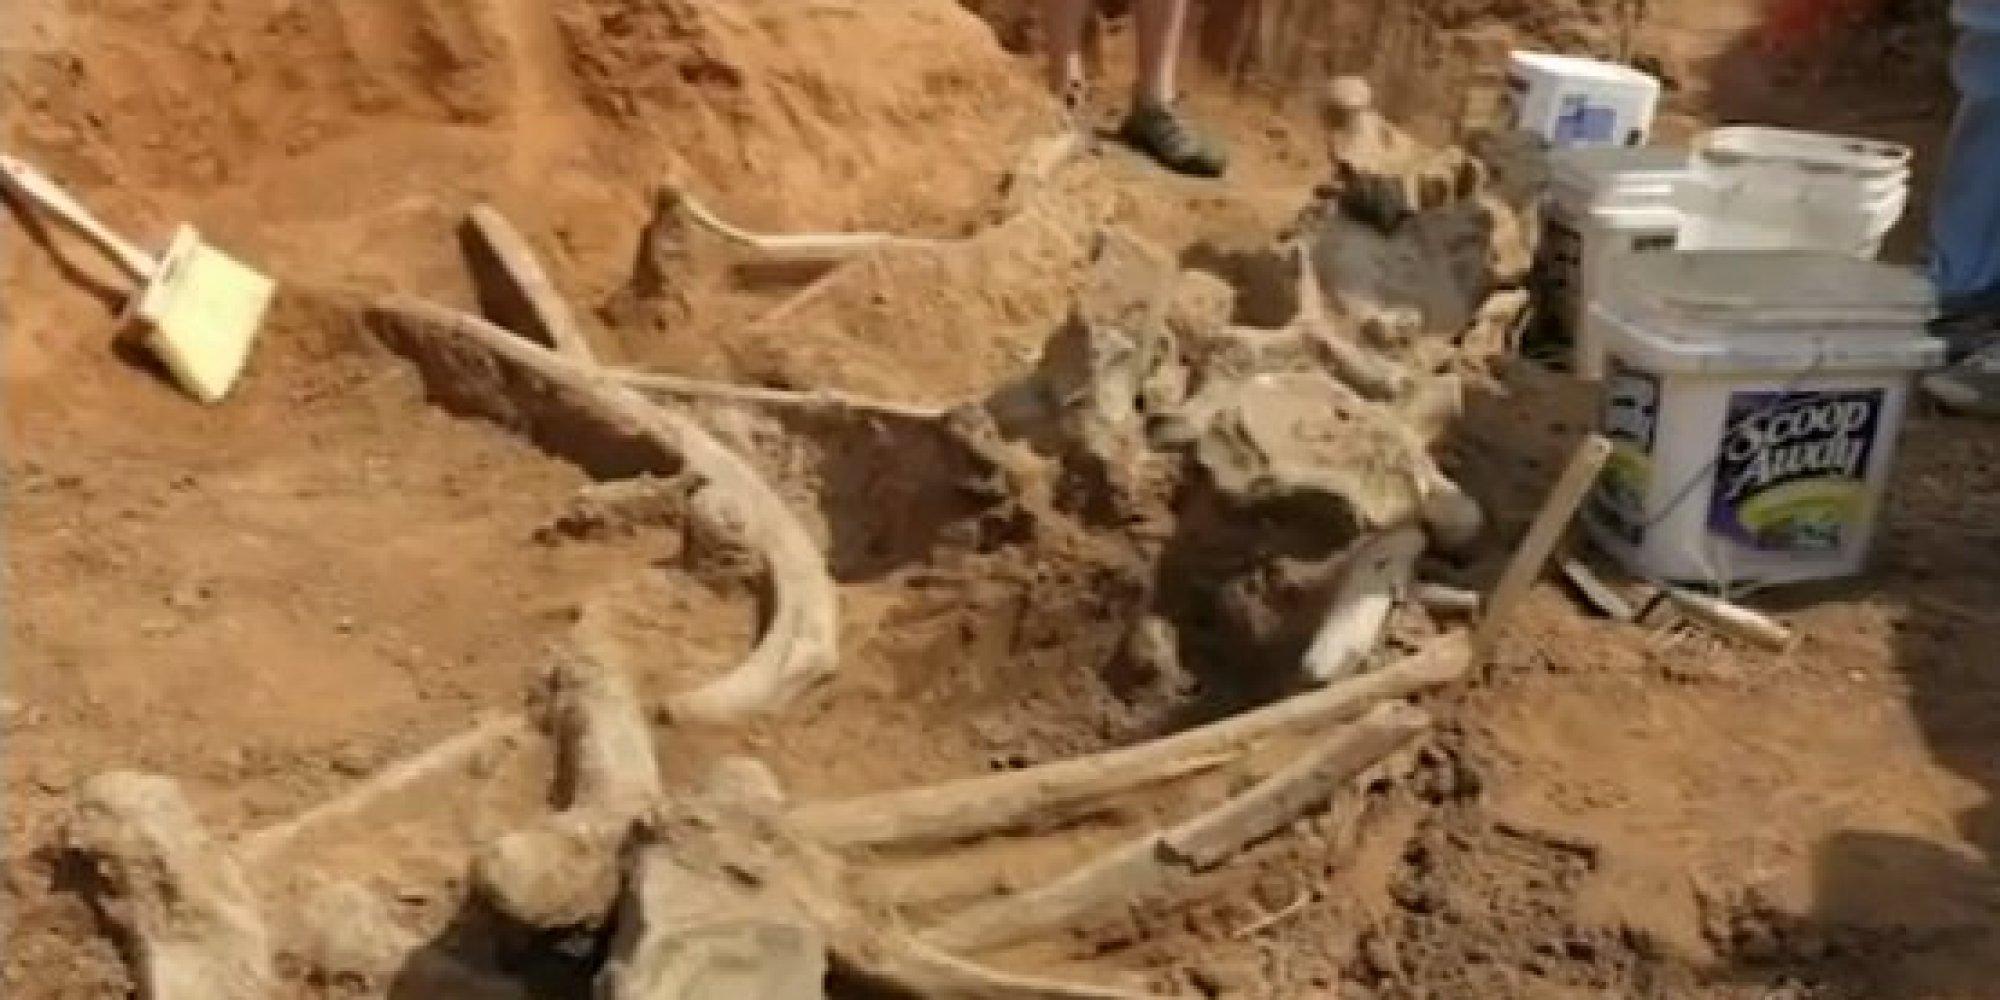 Mammoth Bones Found In Oklahoma Are Dream Come True For